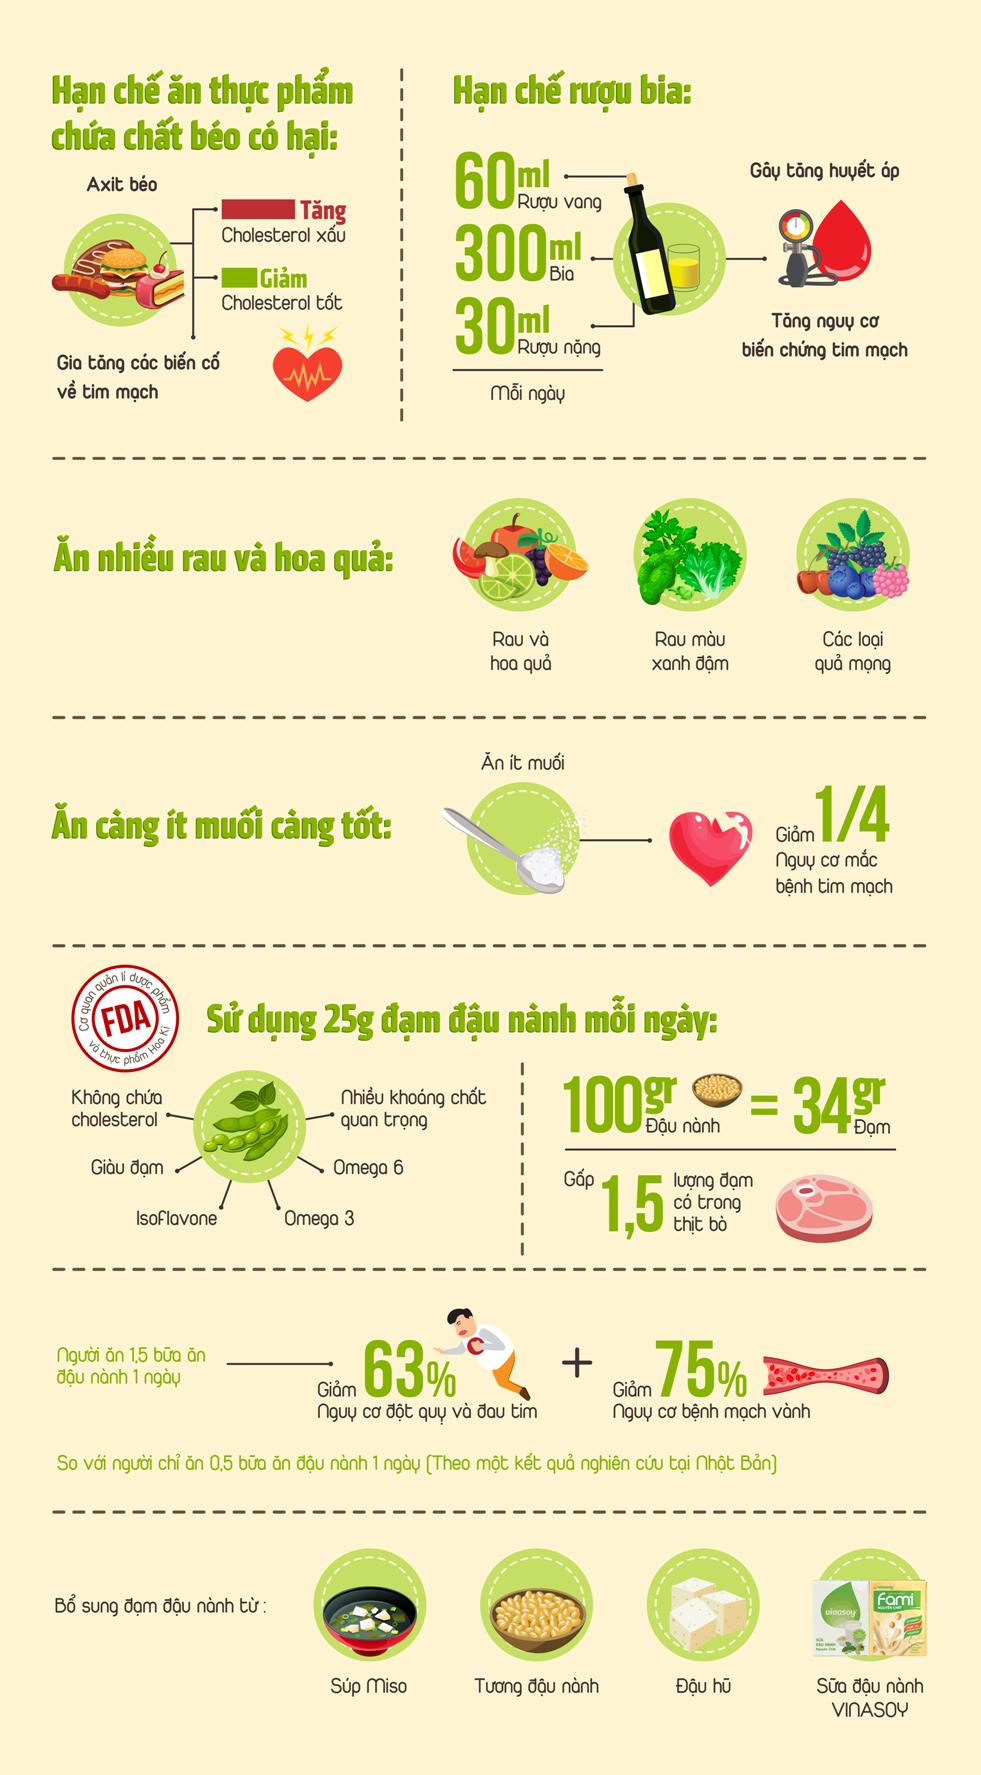 5 cách ăn uống giúp tránh bệnh tim mạch